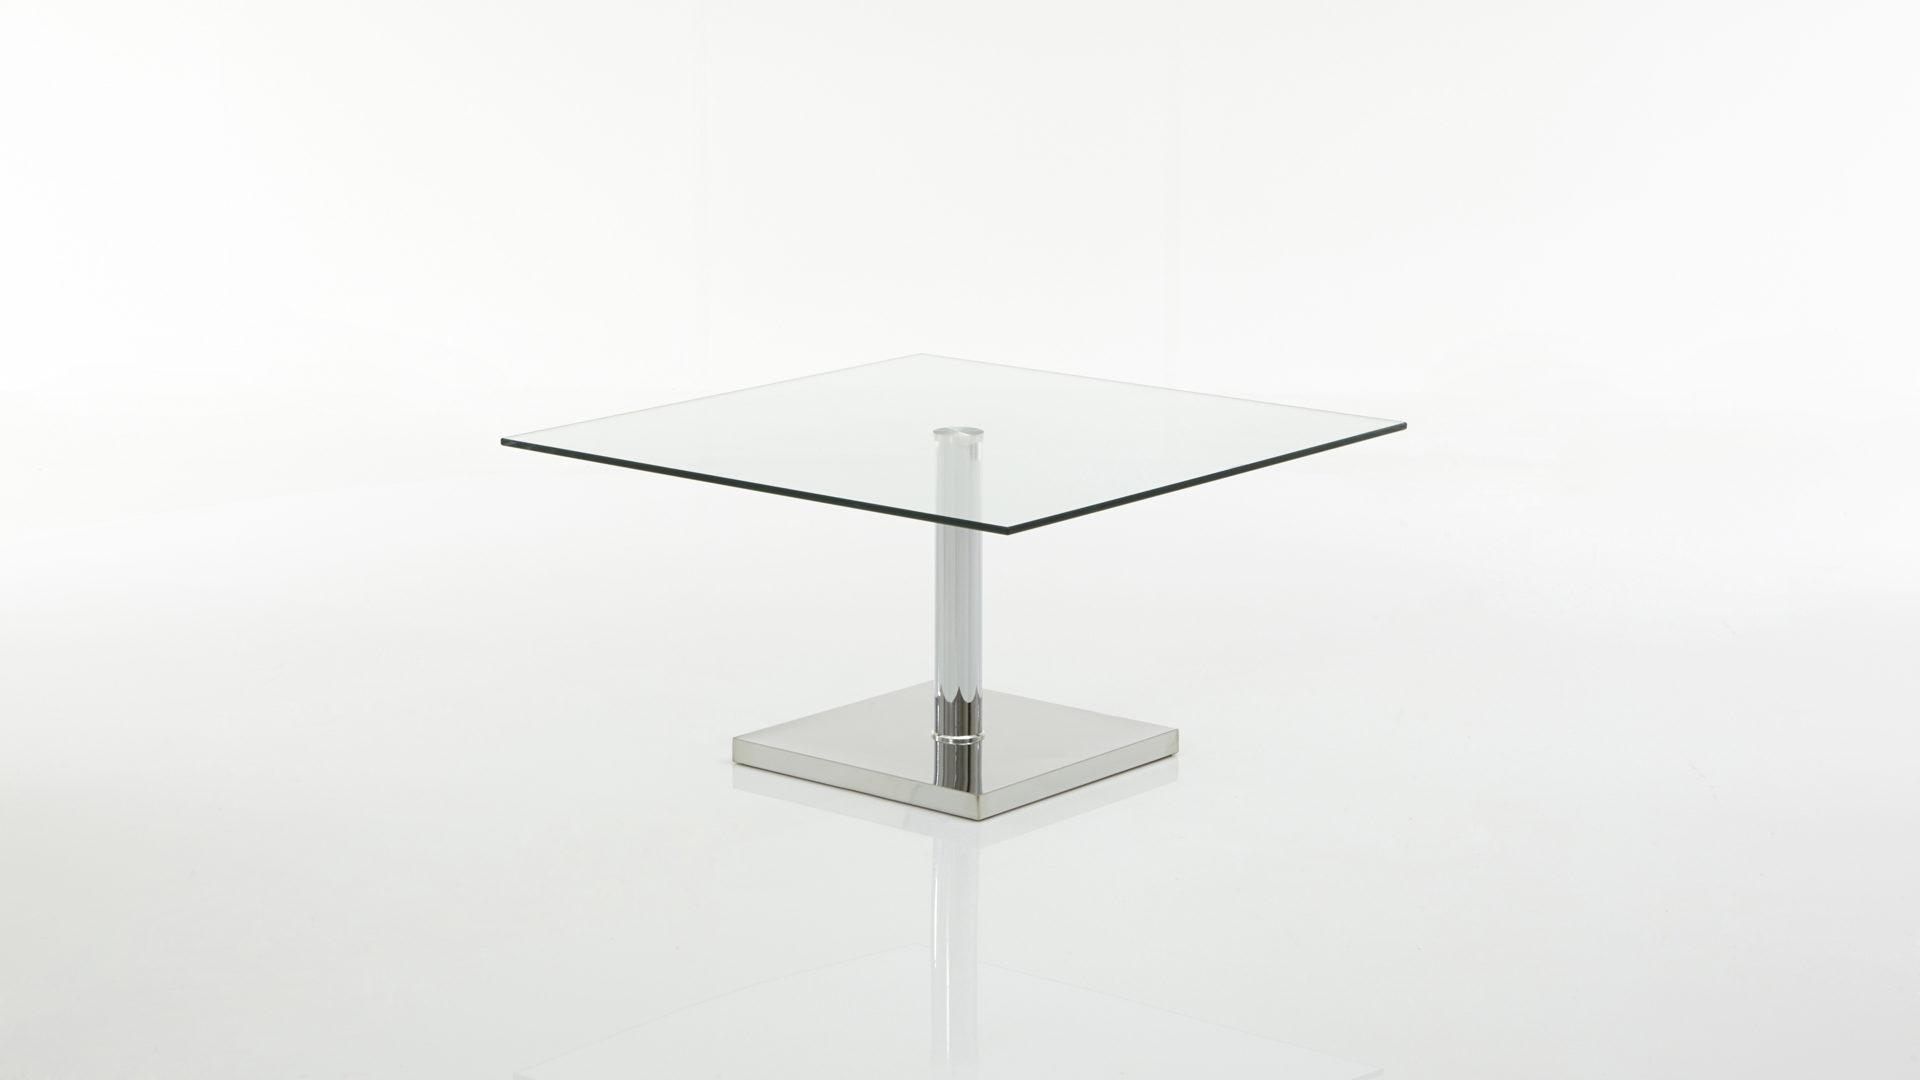 Couchtisch Bzw Glastisch Als Wohnzimmermöbel Klarglas Ca 80 X